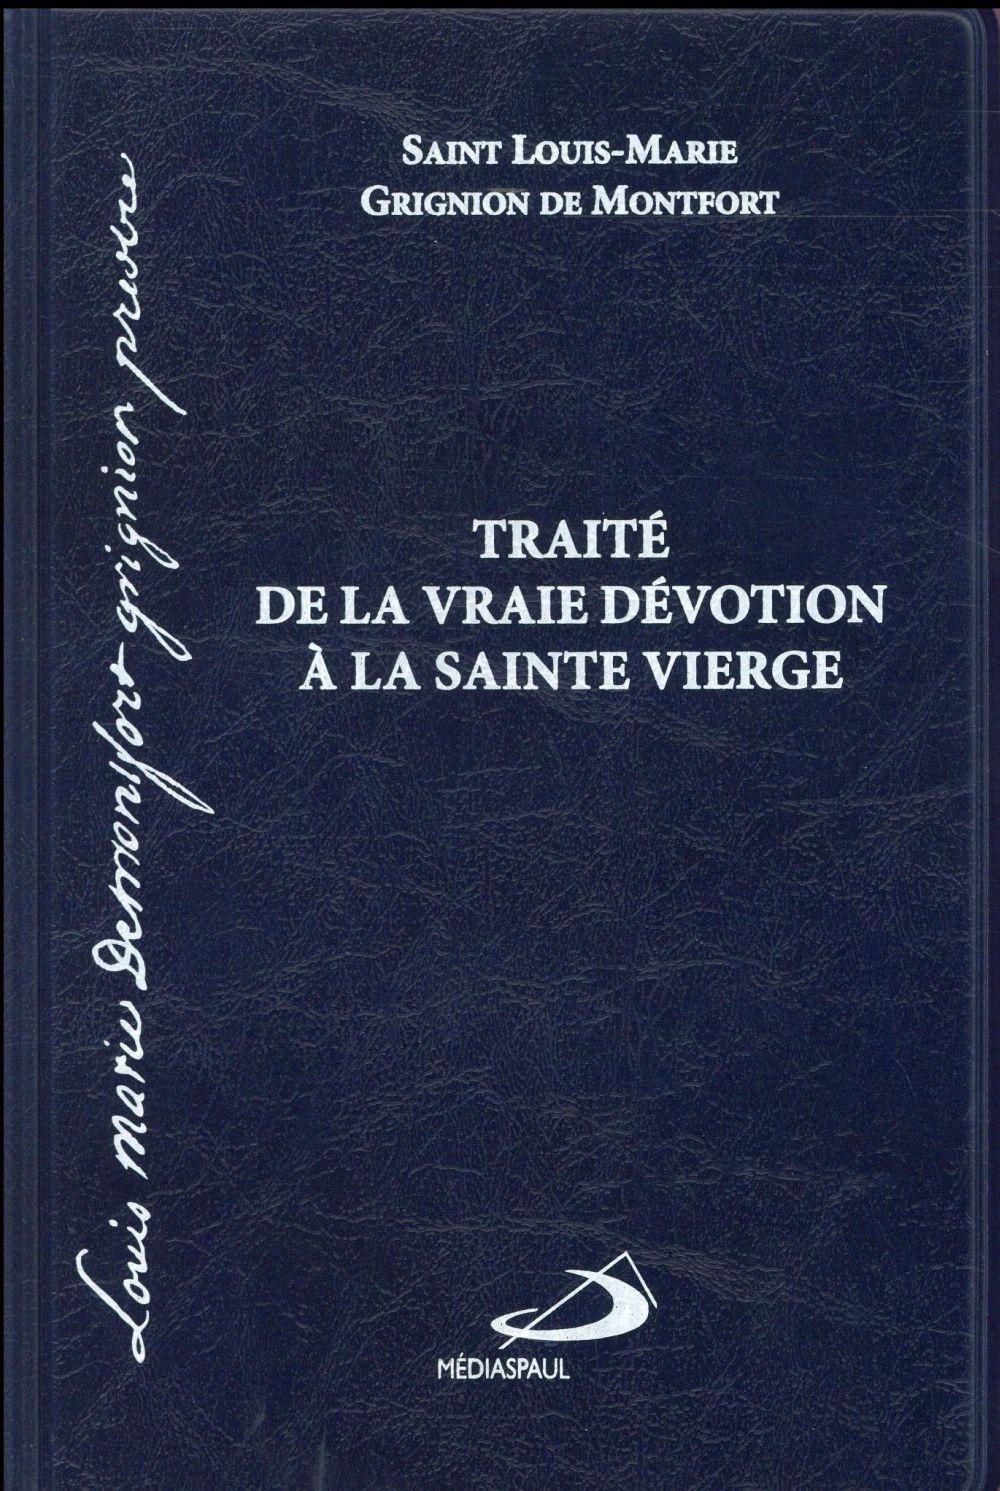 TRAITE DE LA VRAIE DEVOTION A LA VIERGE